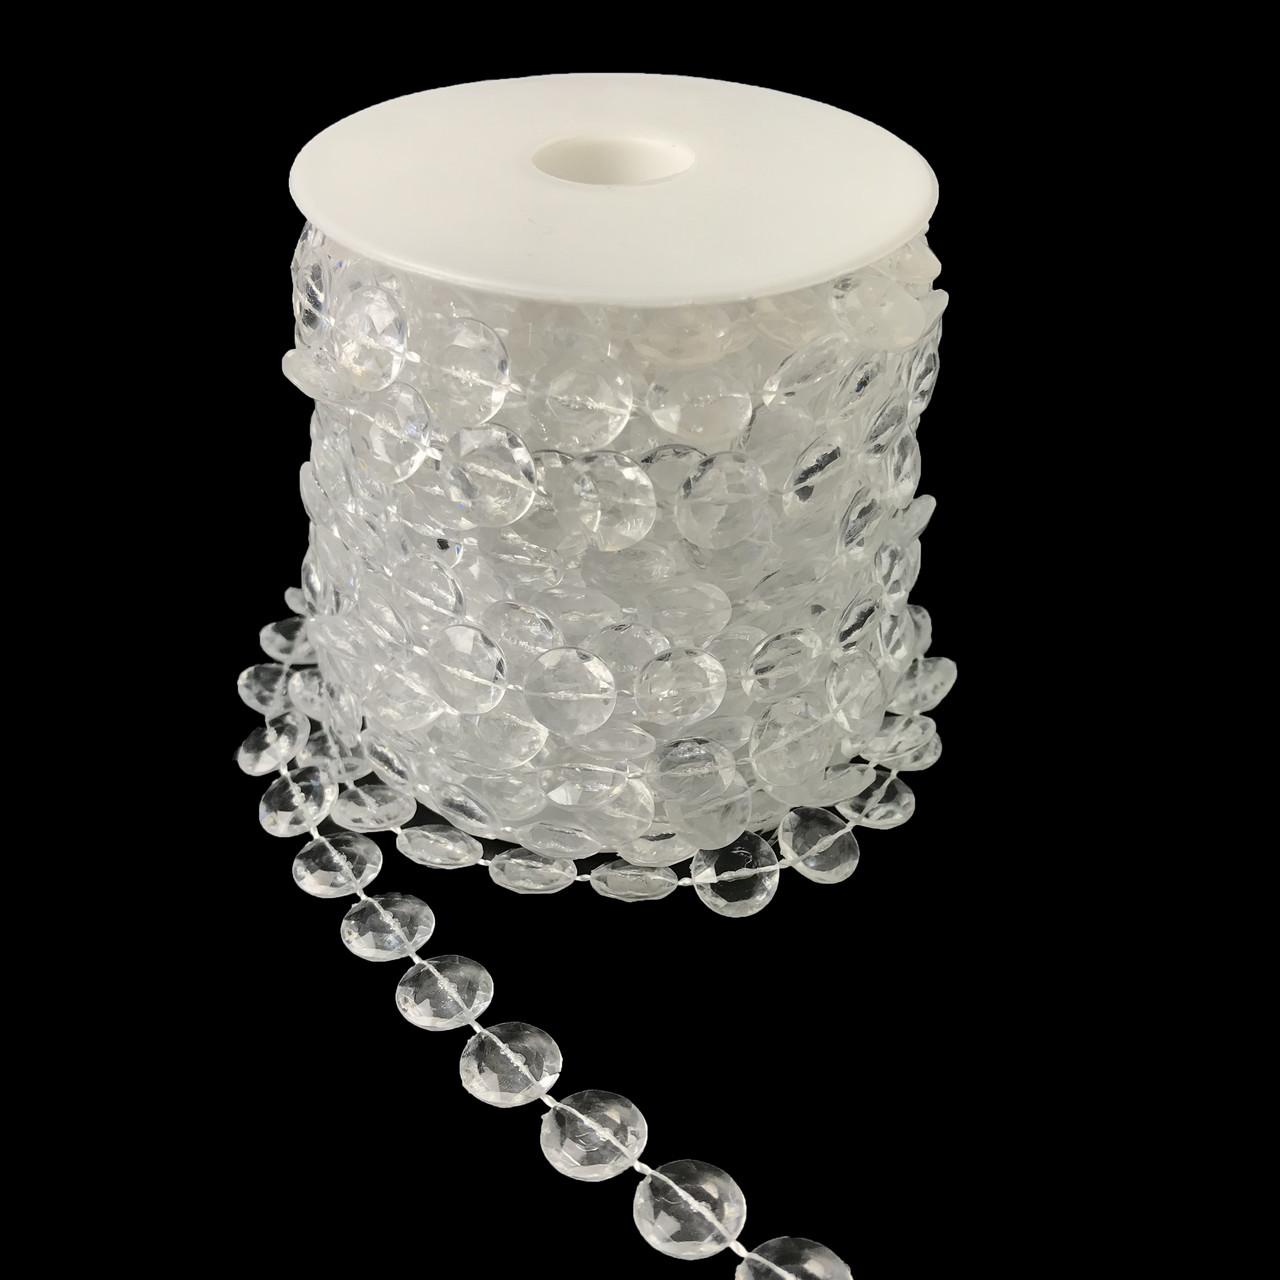 Бусины-кристаллы на нити прозрачные 10 м